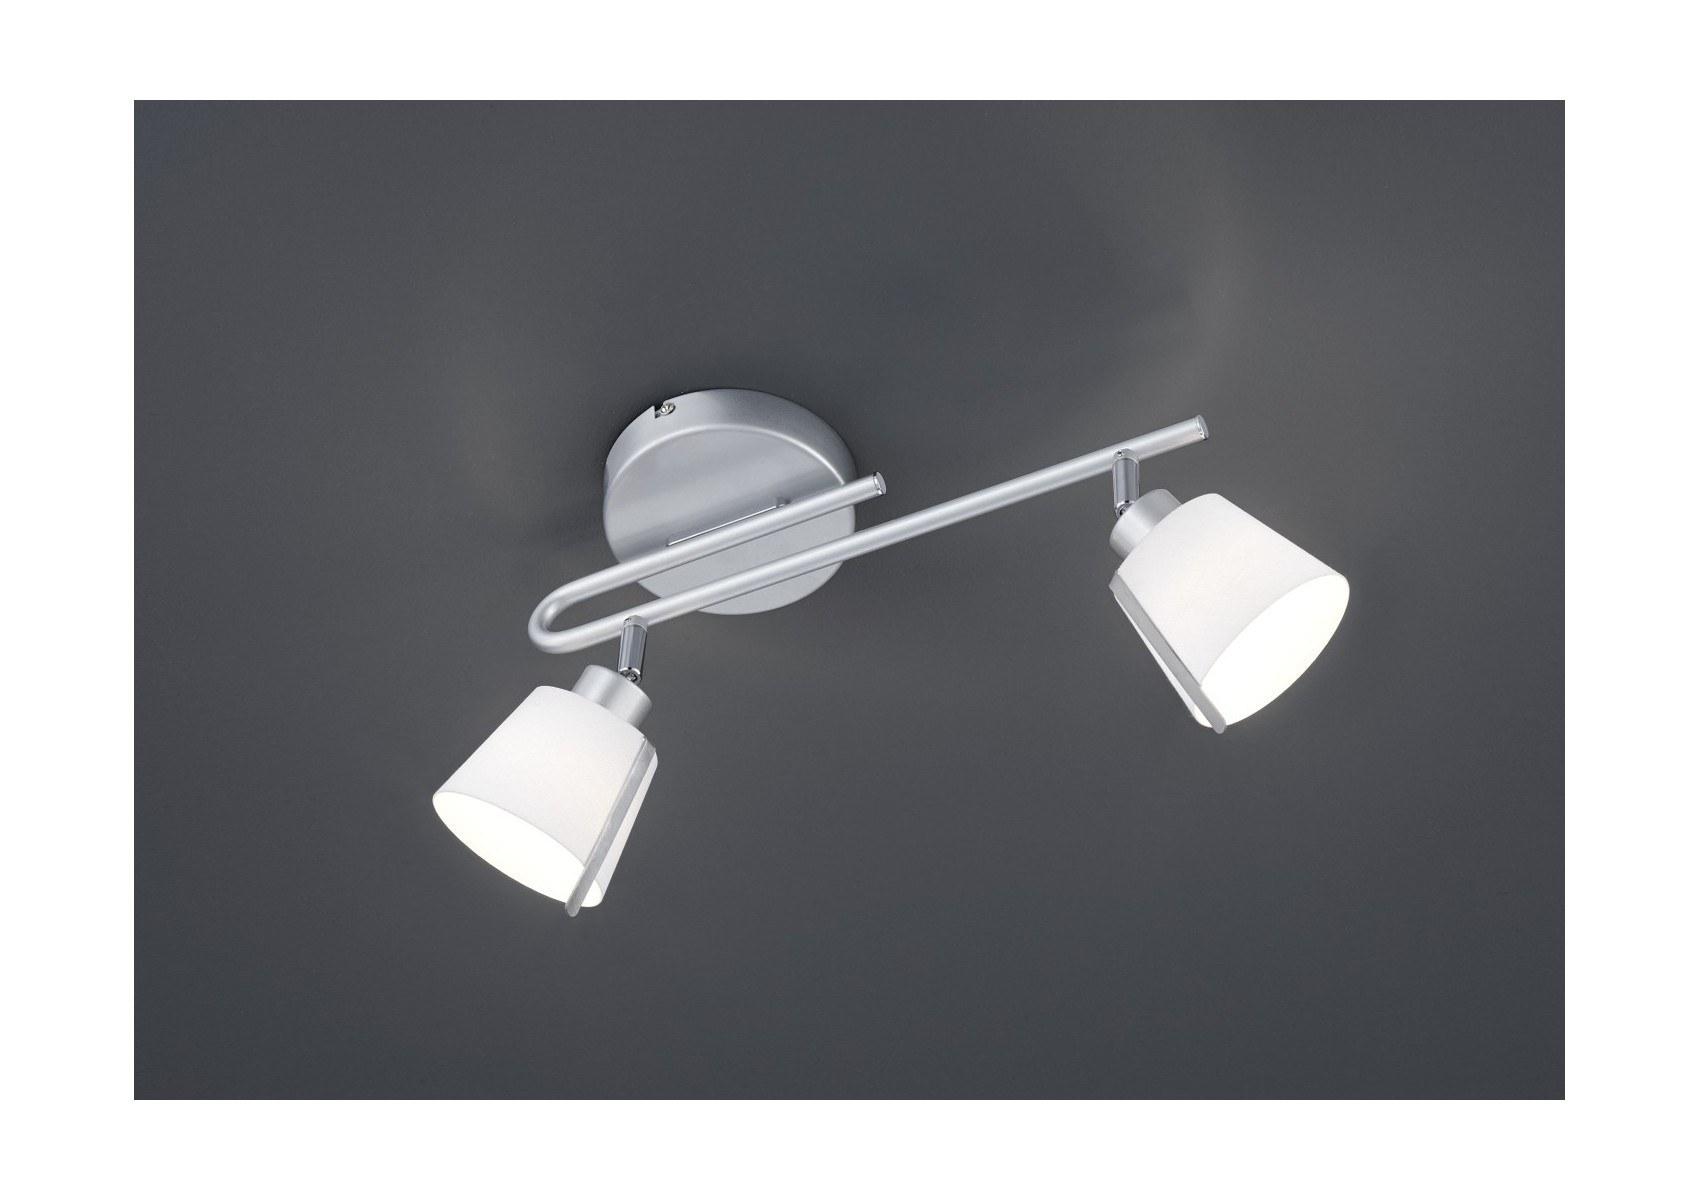 Double applique led design burlington boite à design